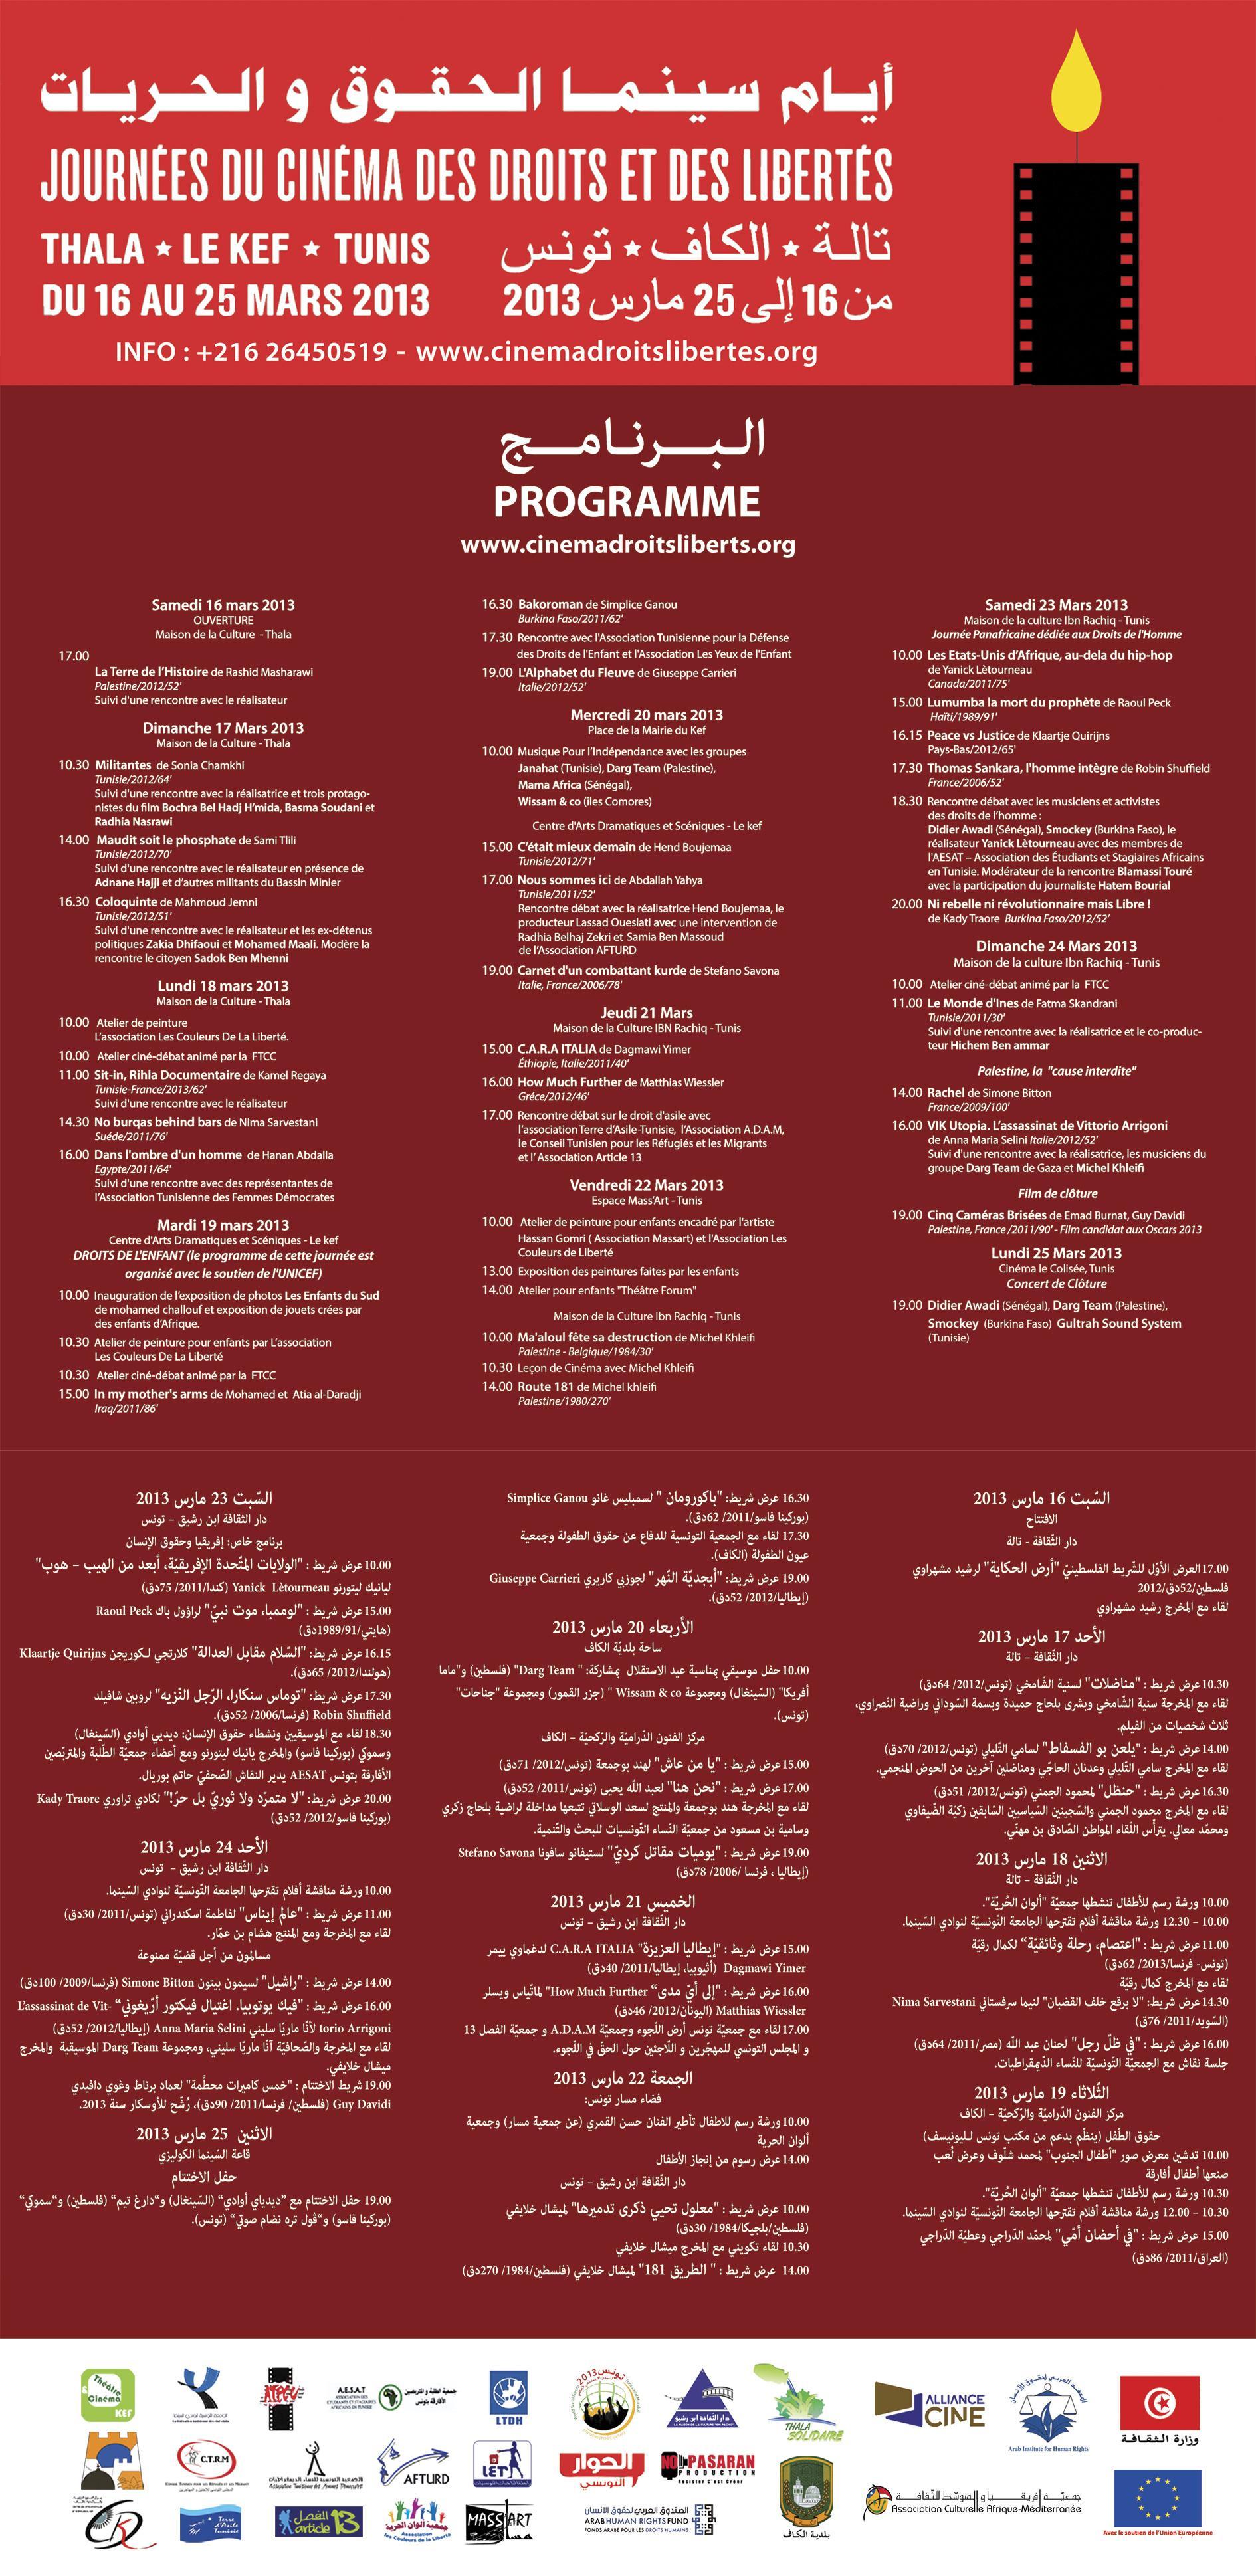 Programme de la première session des Journées du Cinéma des Droits et de la Liberté